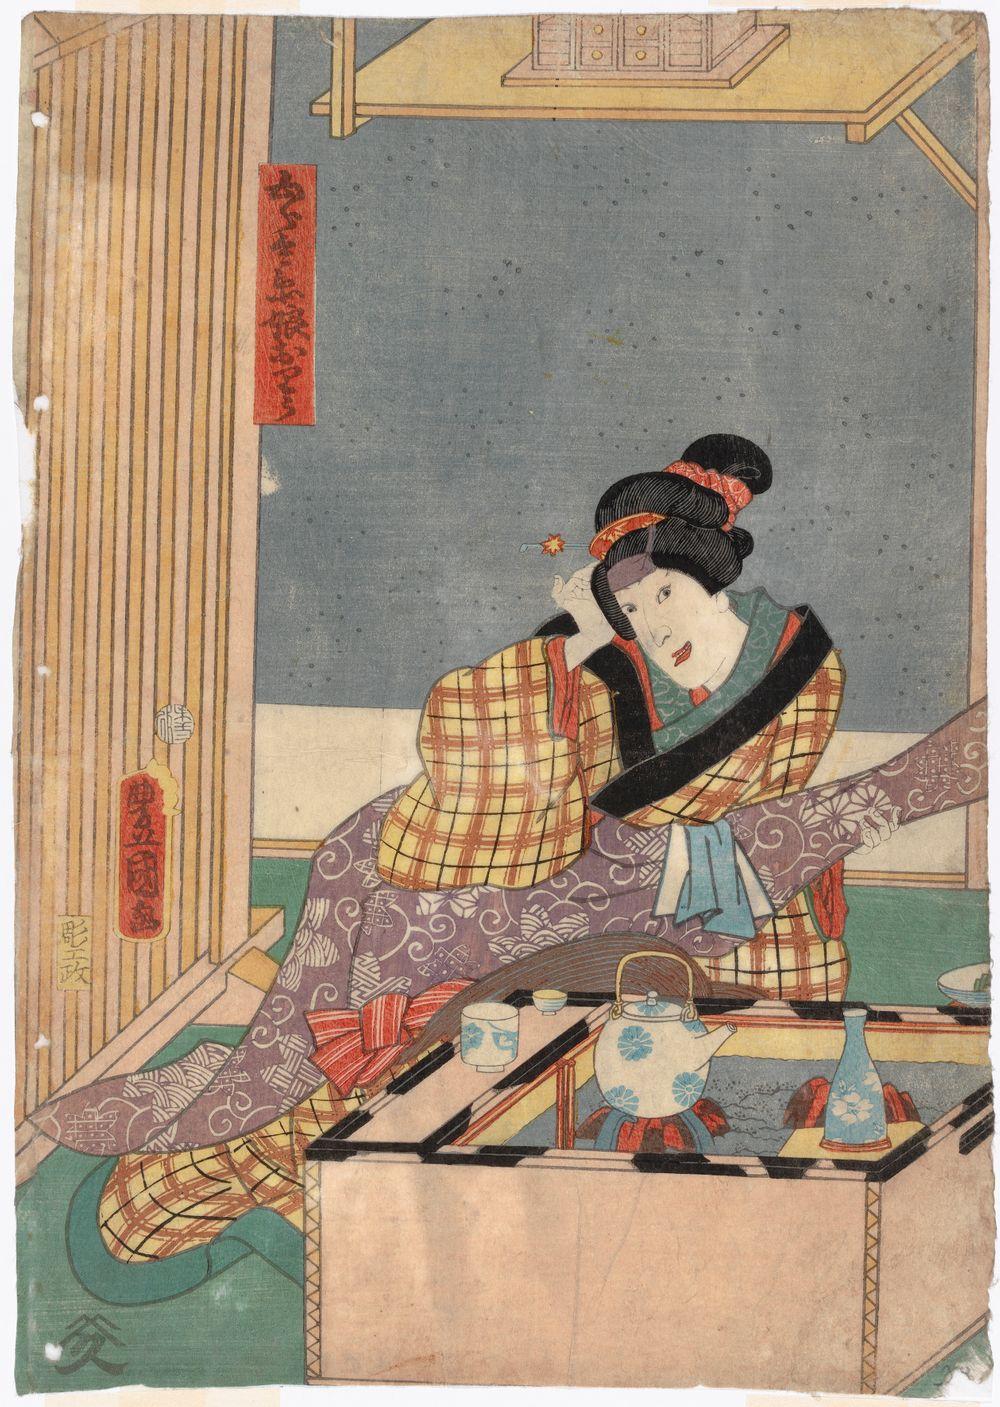 O-Ryu